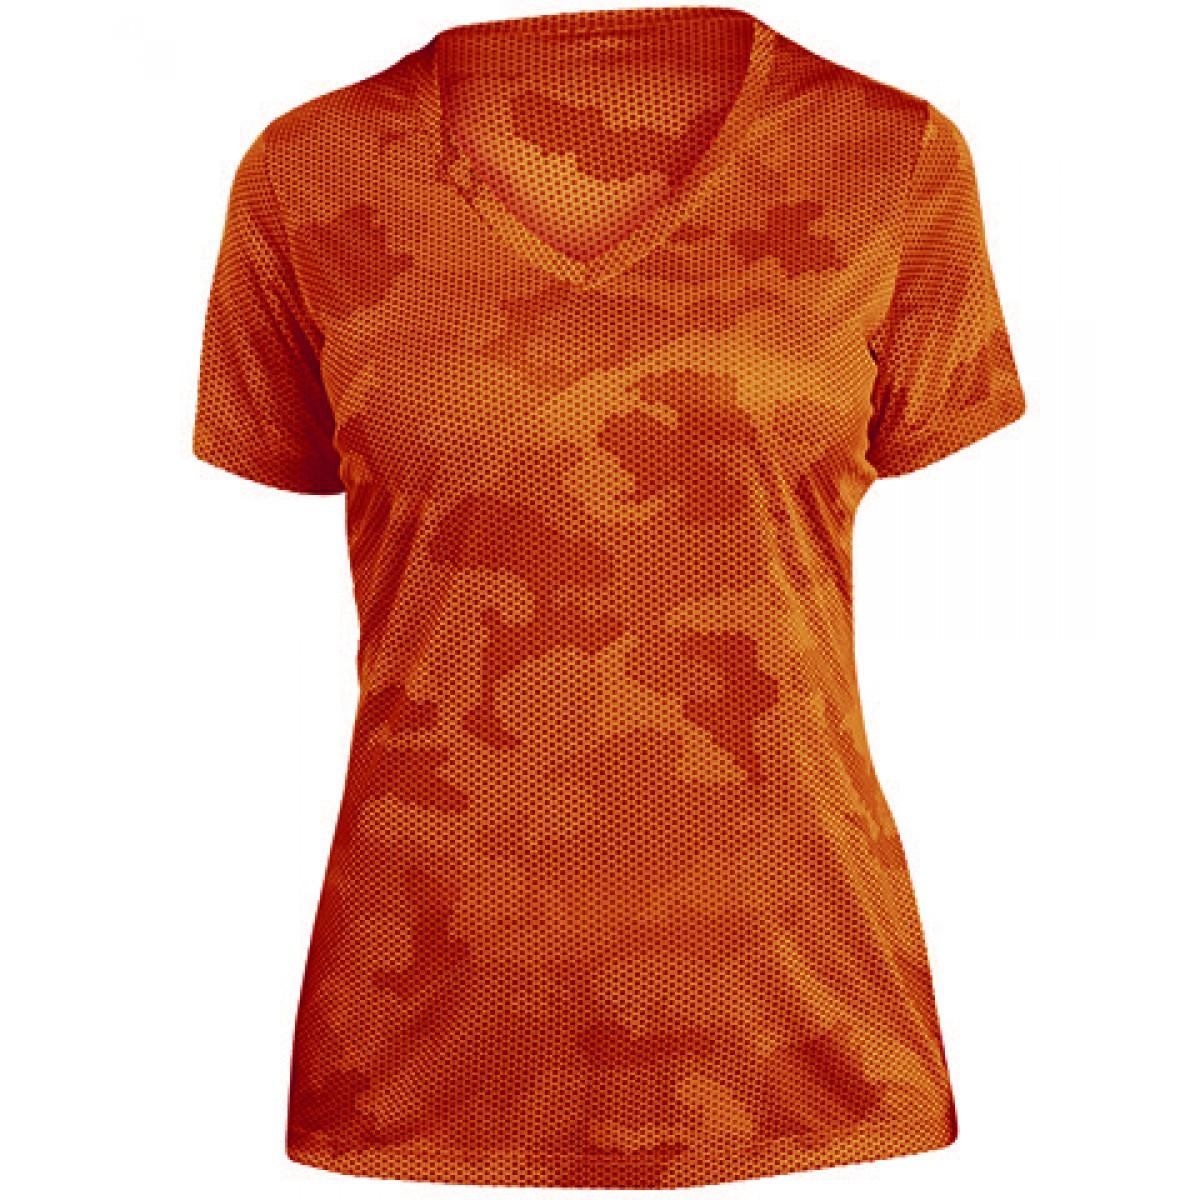 Ladies CamoHex V-Neck Tee-Orange-S